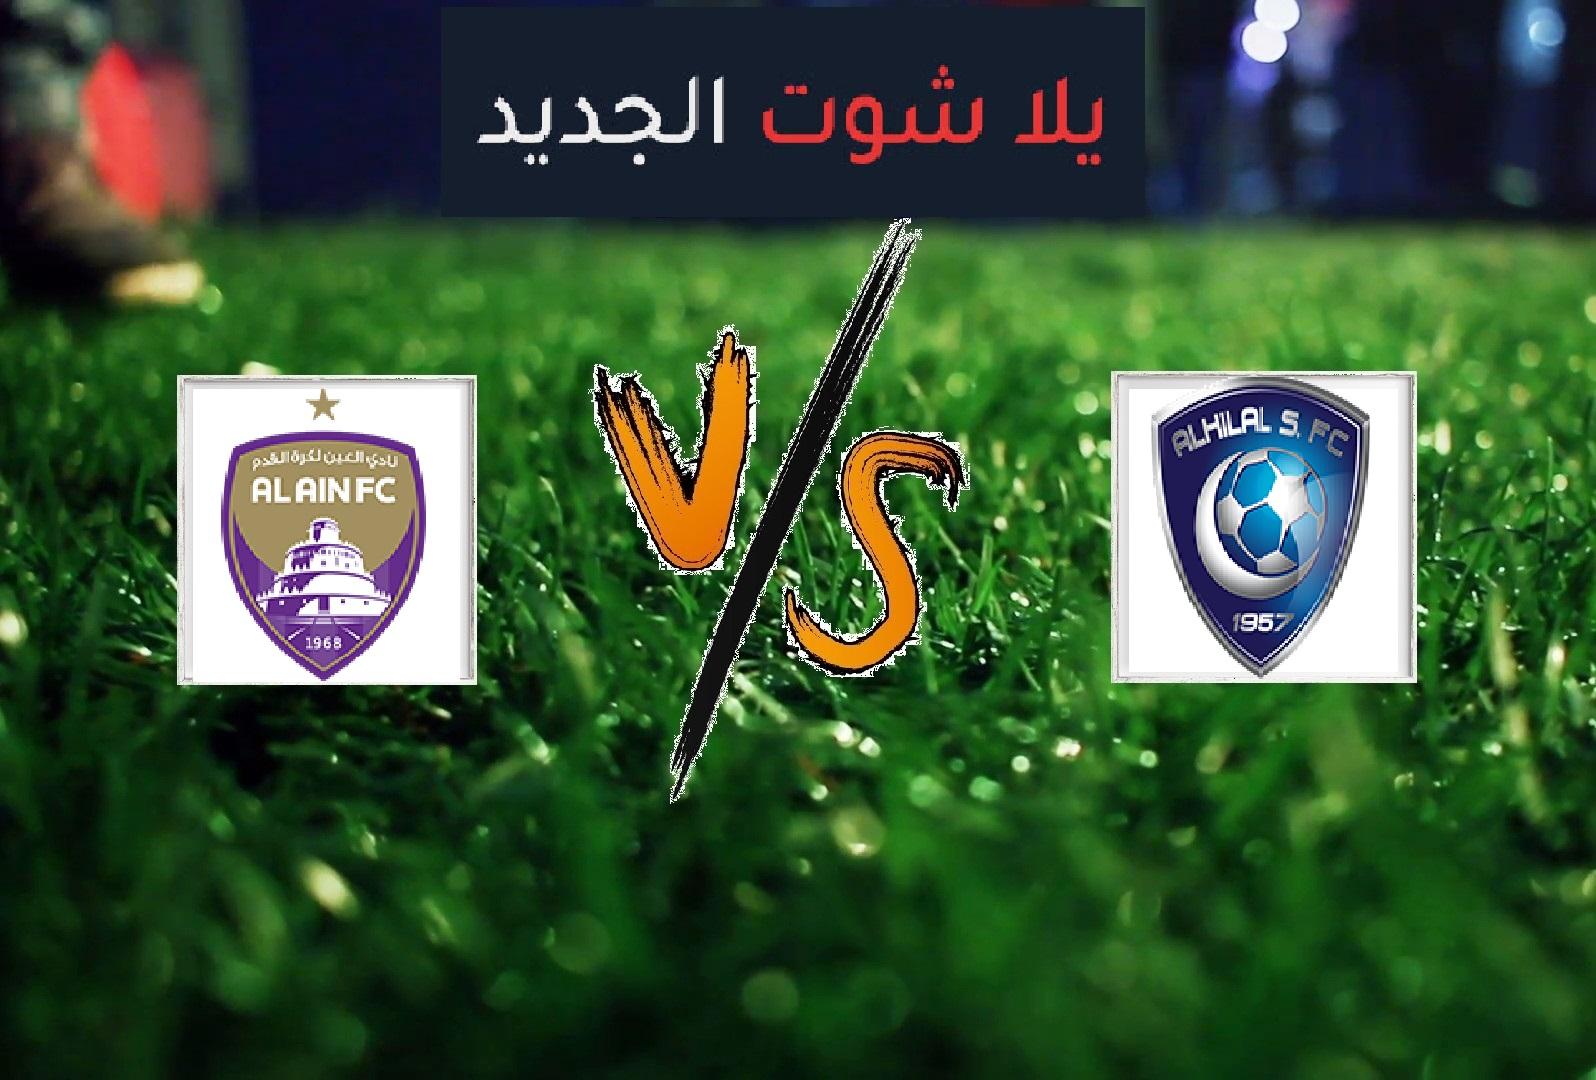 الهلال يفوز على العين بهدفين دون رد في الجولة الخامسة من بطولة دوري أبطال آسيا